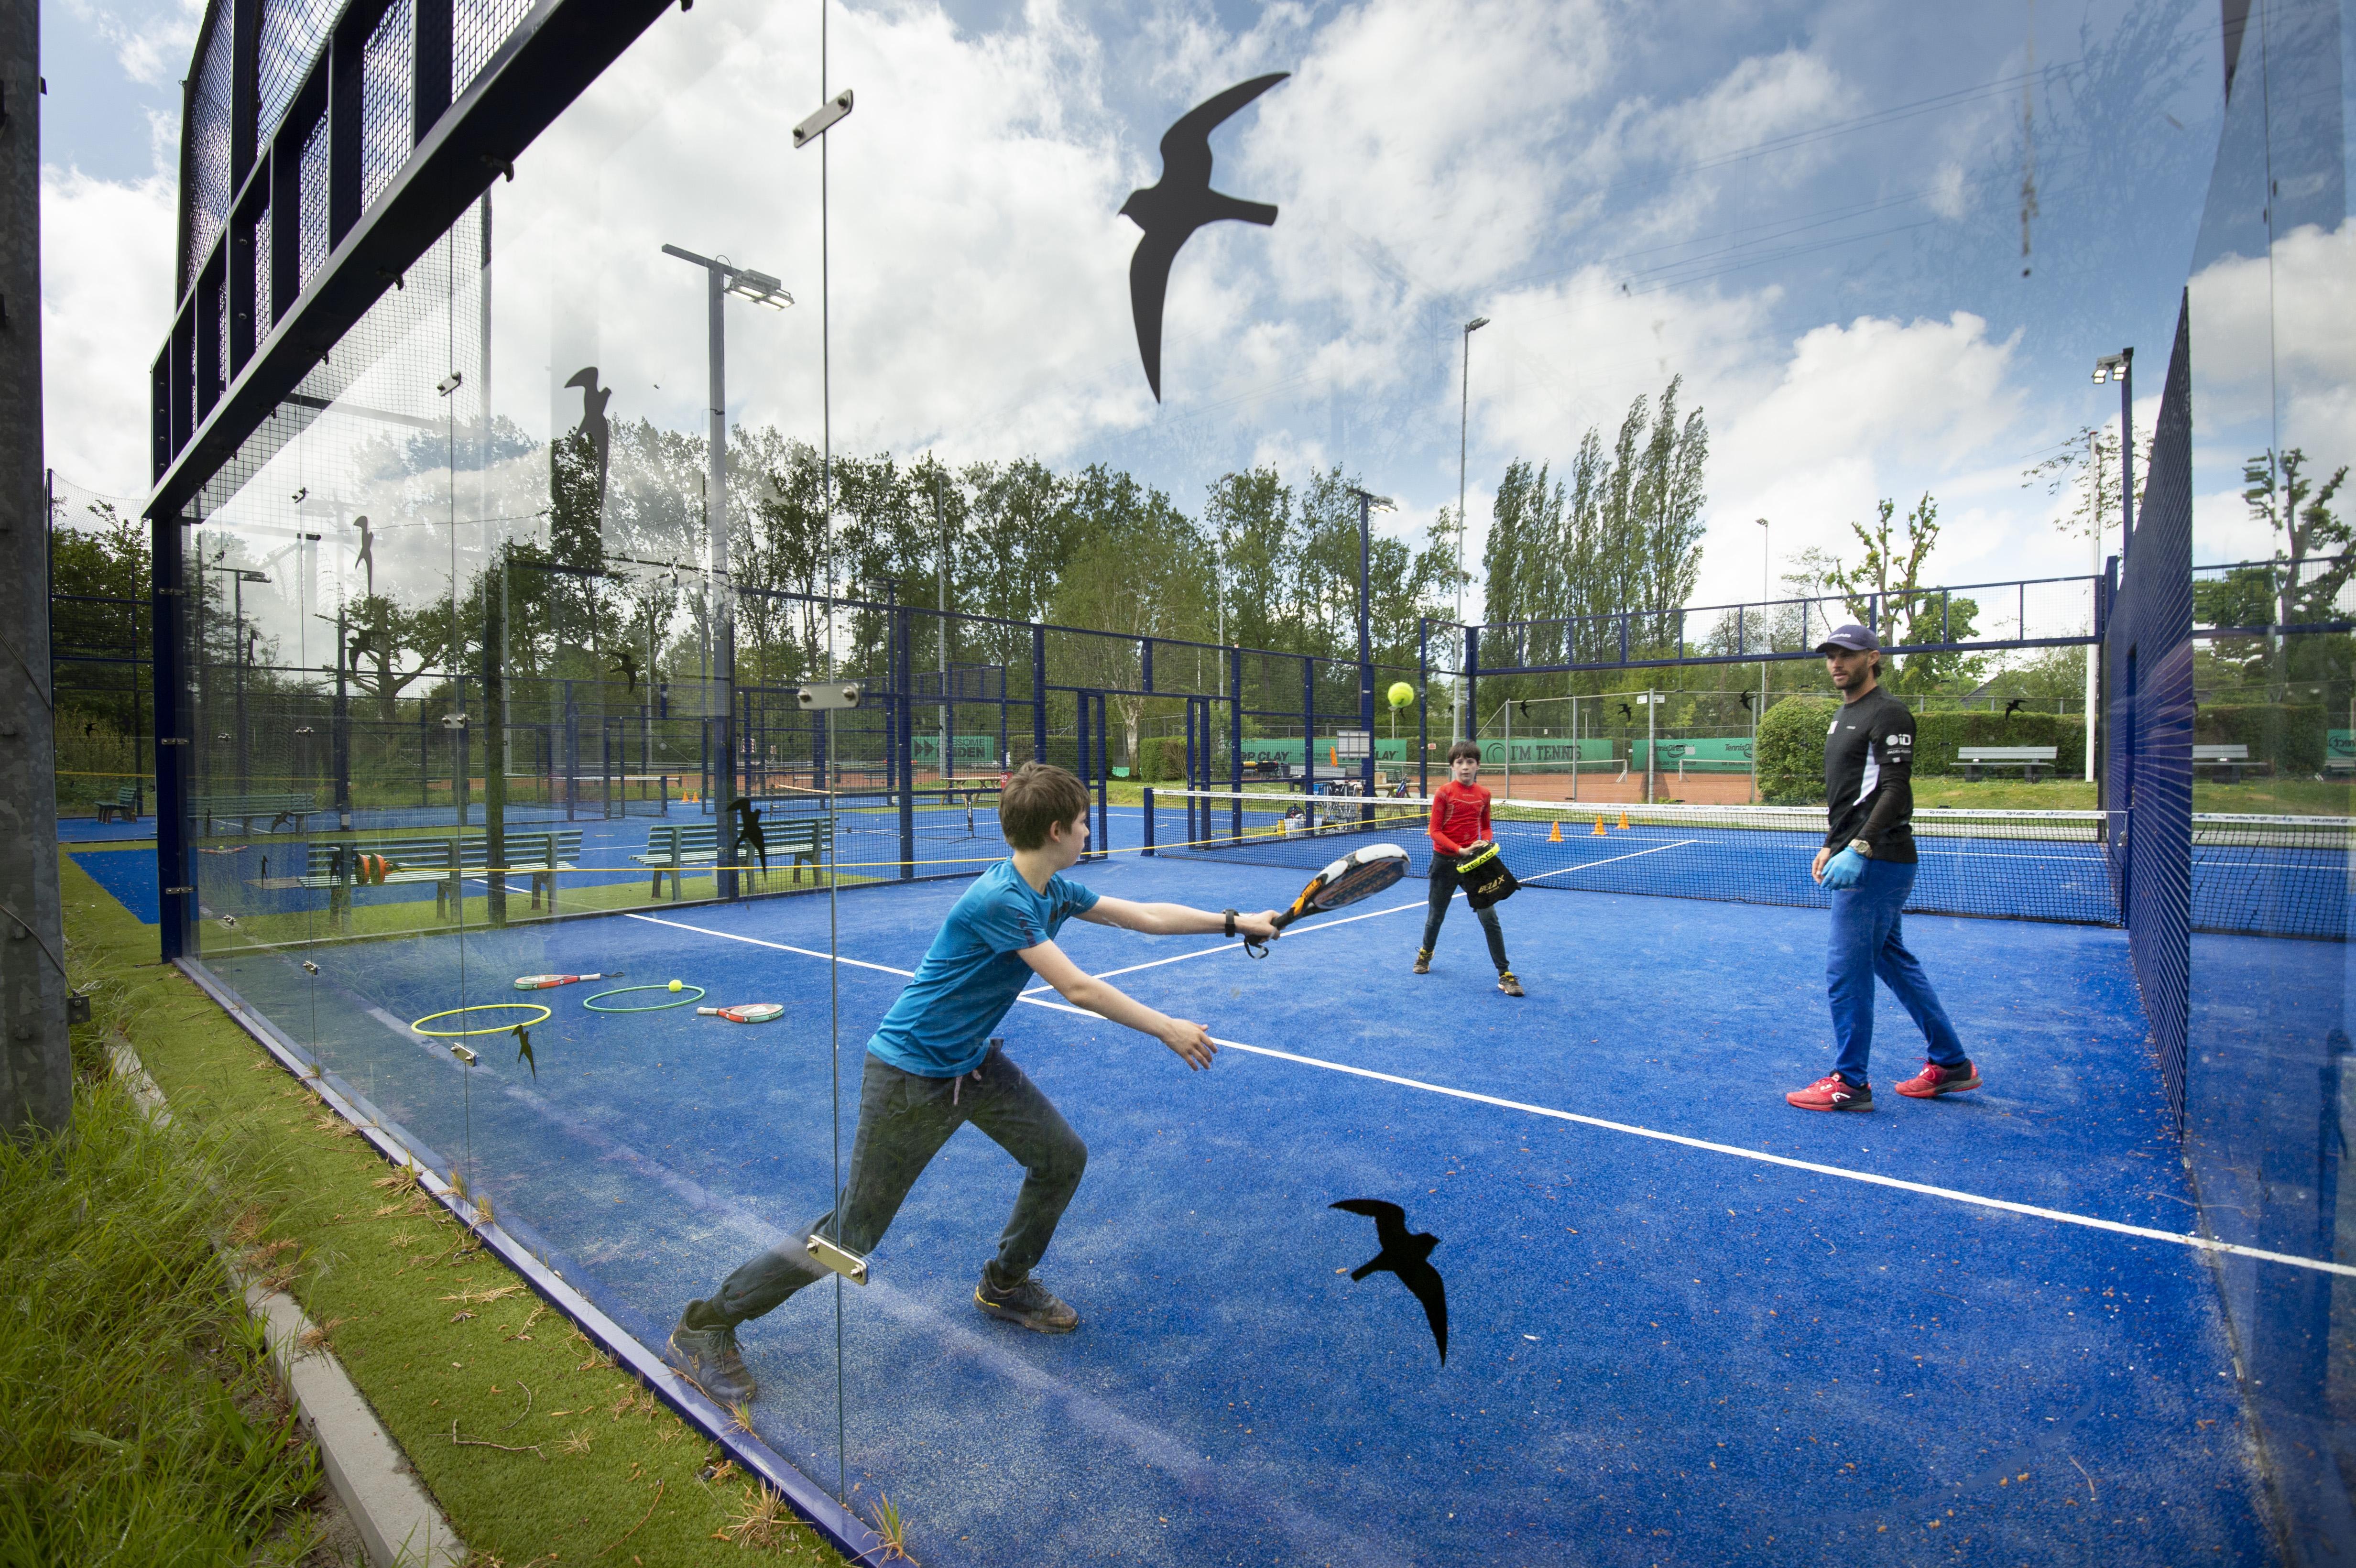 Nederlandse top naar padeltoernooi bij Leidse tennisvereniging Unicum: 'We zijn erg blij dat het door kan gaan'